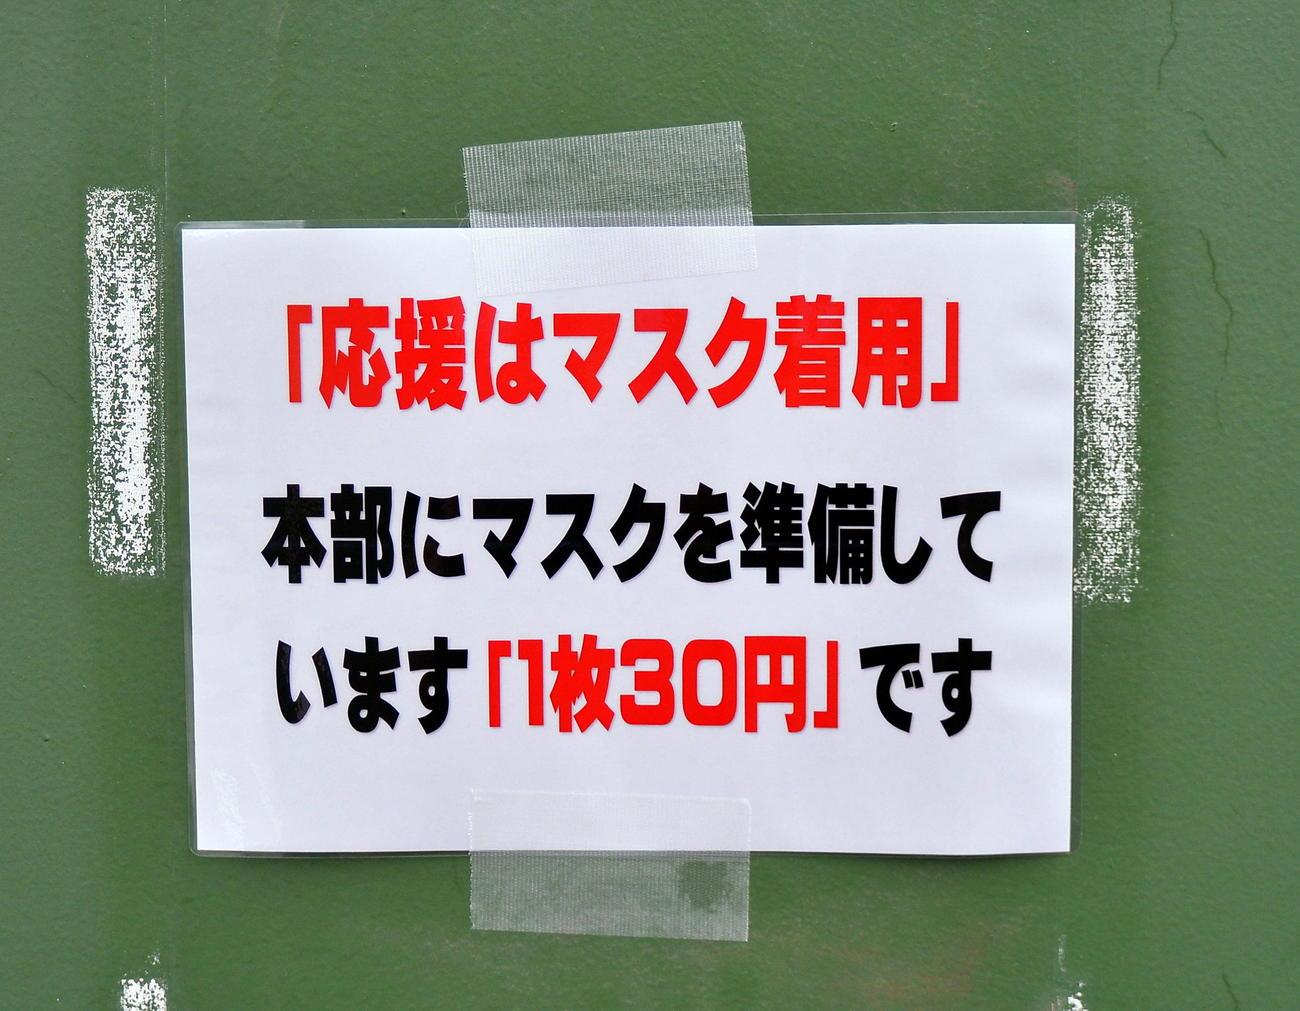 球場内に掲示されたマスク着用徹底の張り紙(撮影・鎌田直秀)